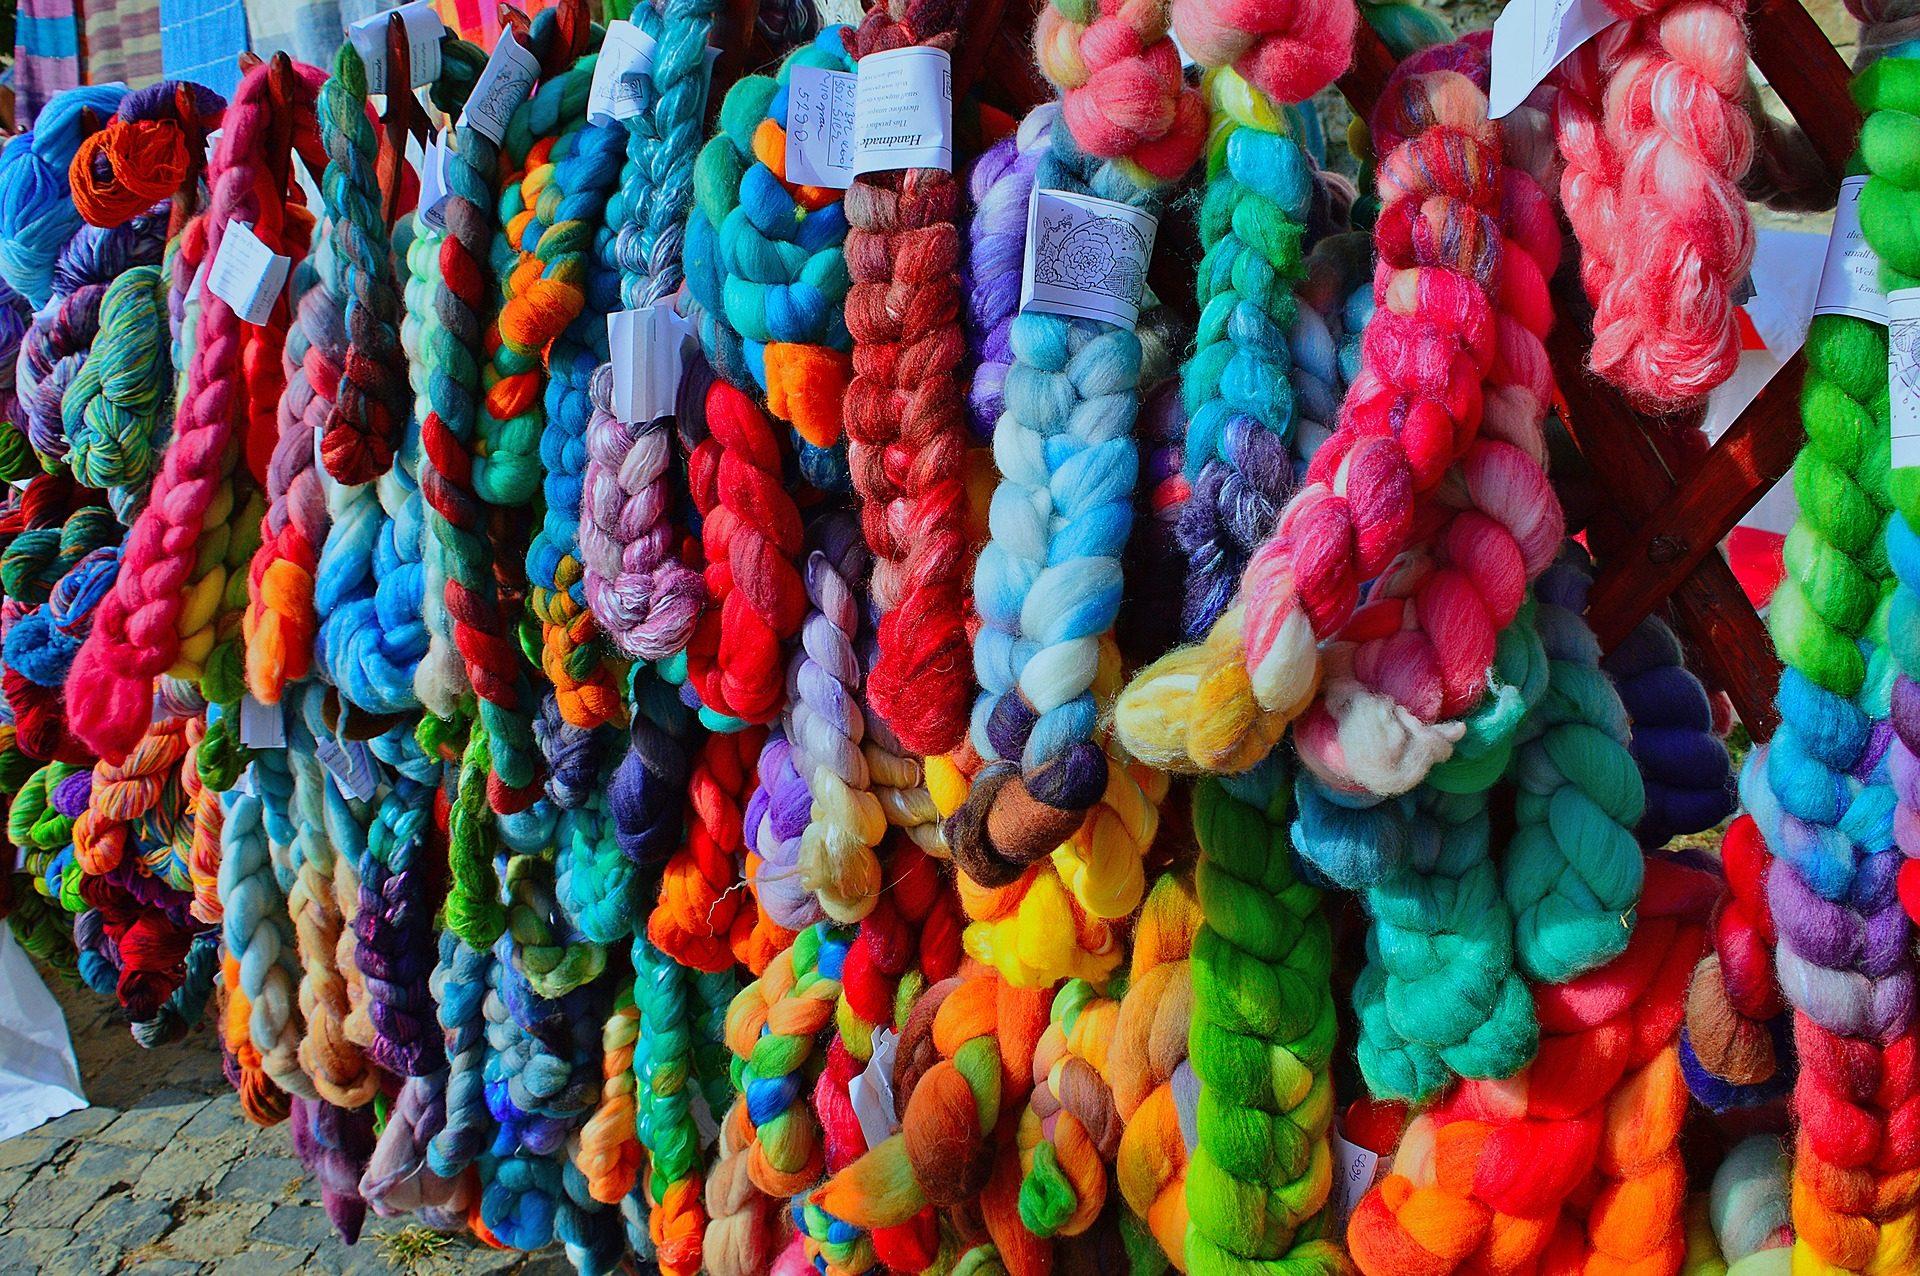 Discussioni, stringhe, cravatte, trecce, colorato - Sfondi HD - Professor-falken.com